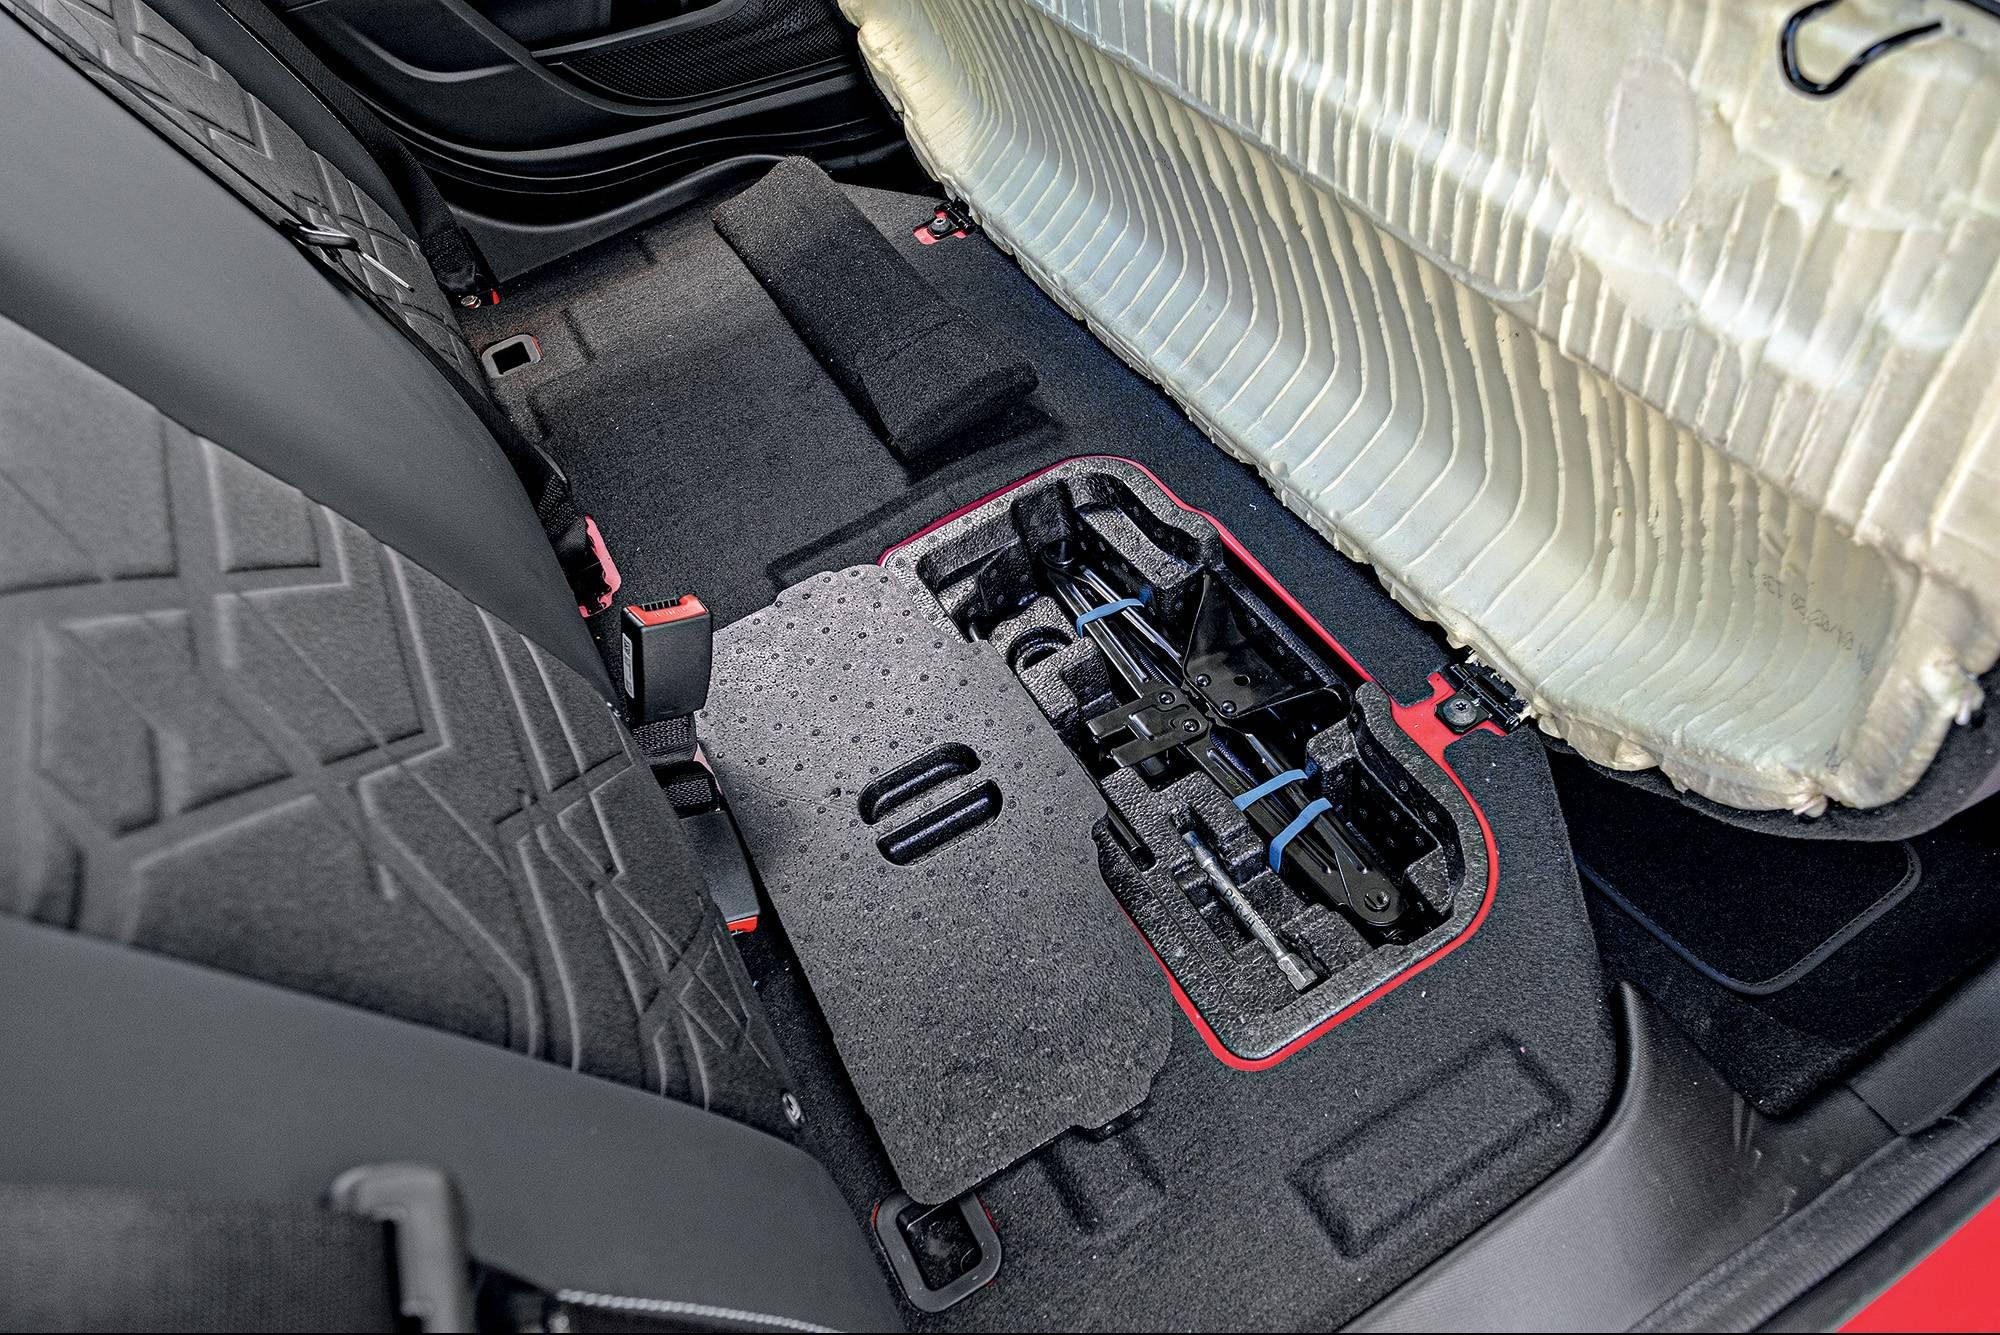 Kit de ferramentas básicas de emergência viaja sob o assento traseiro